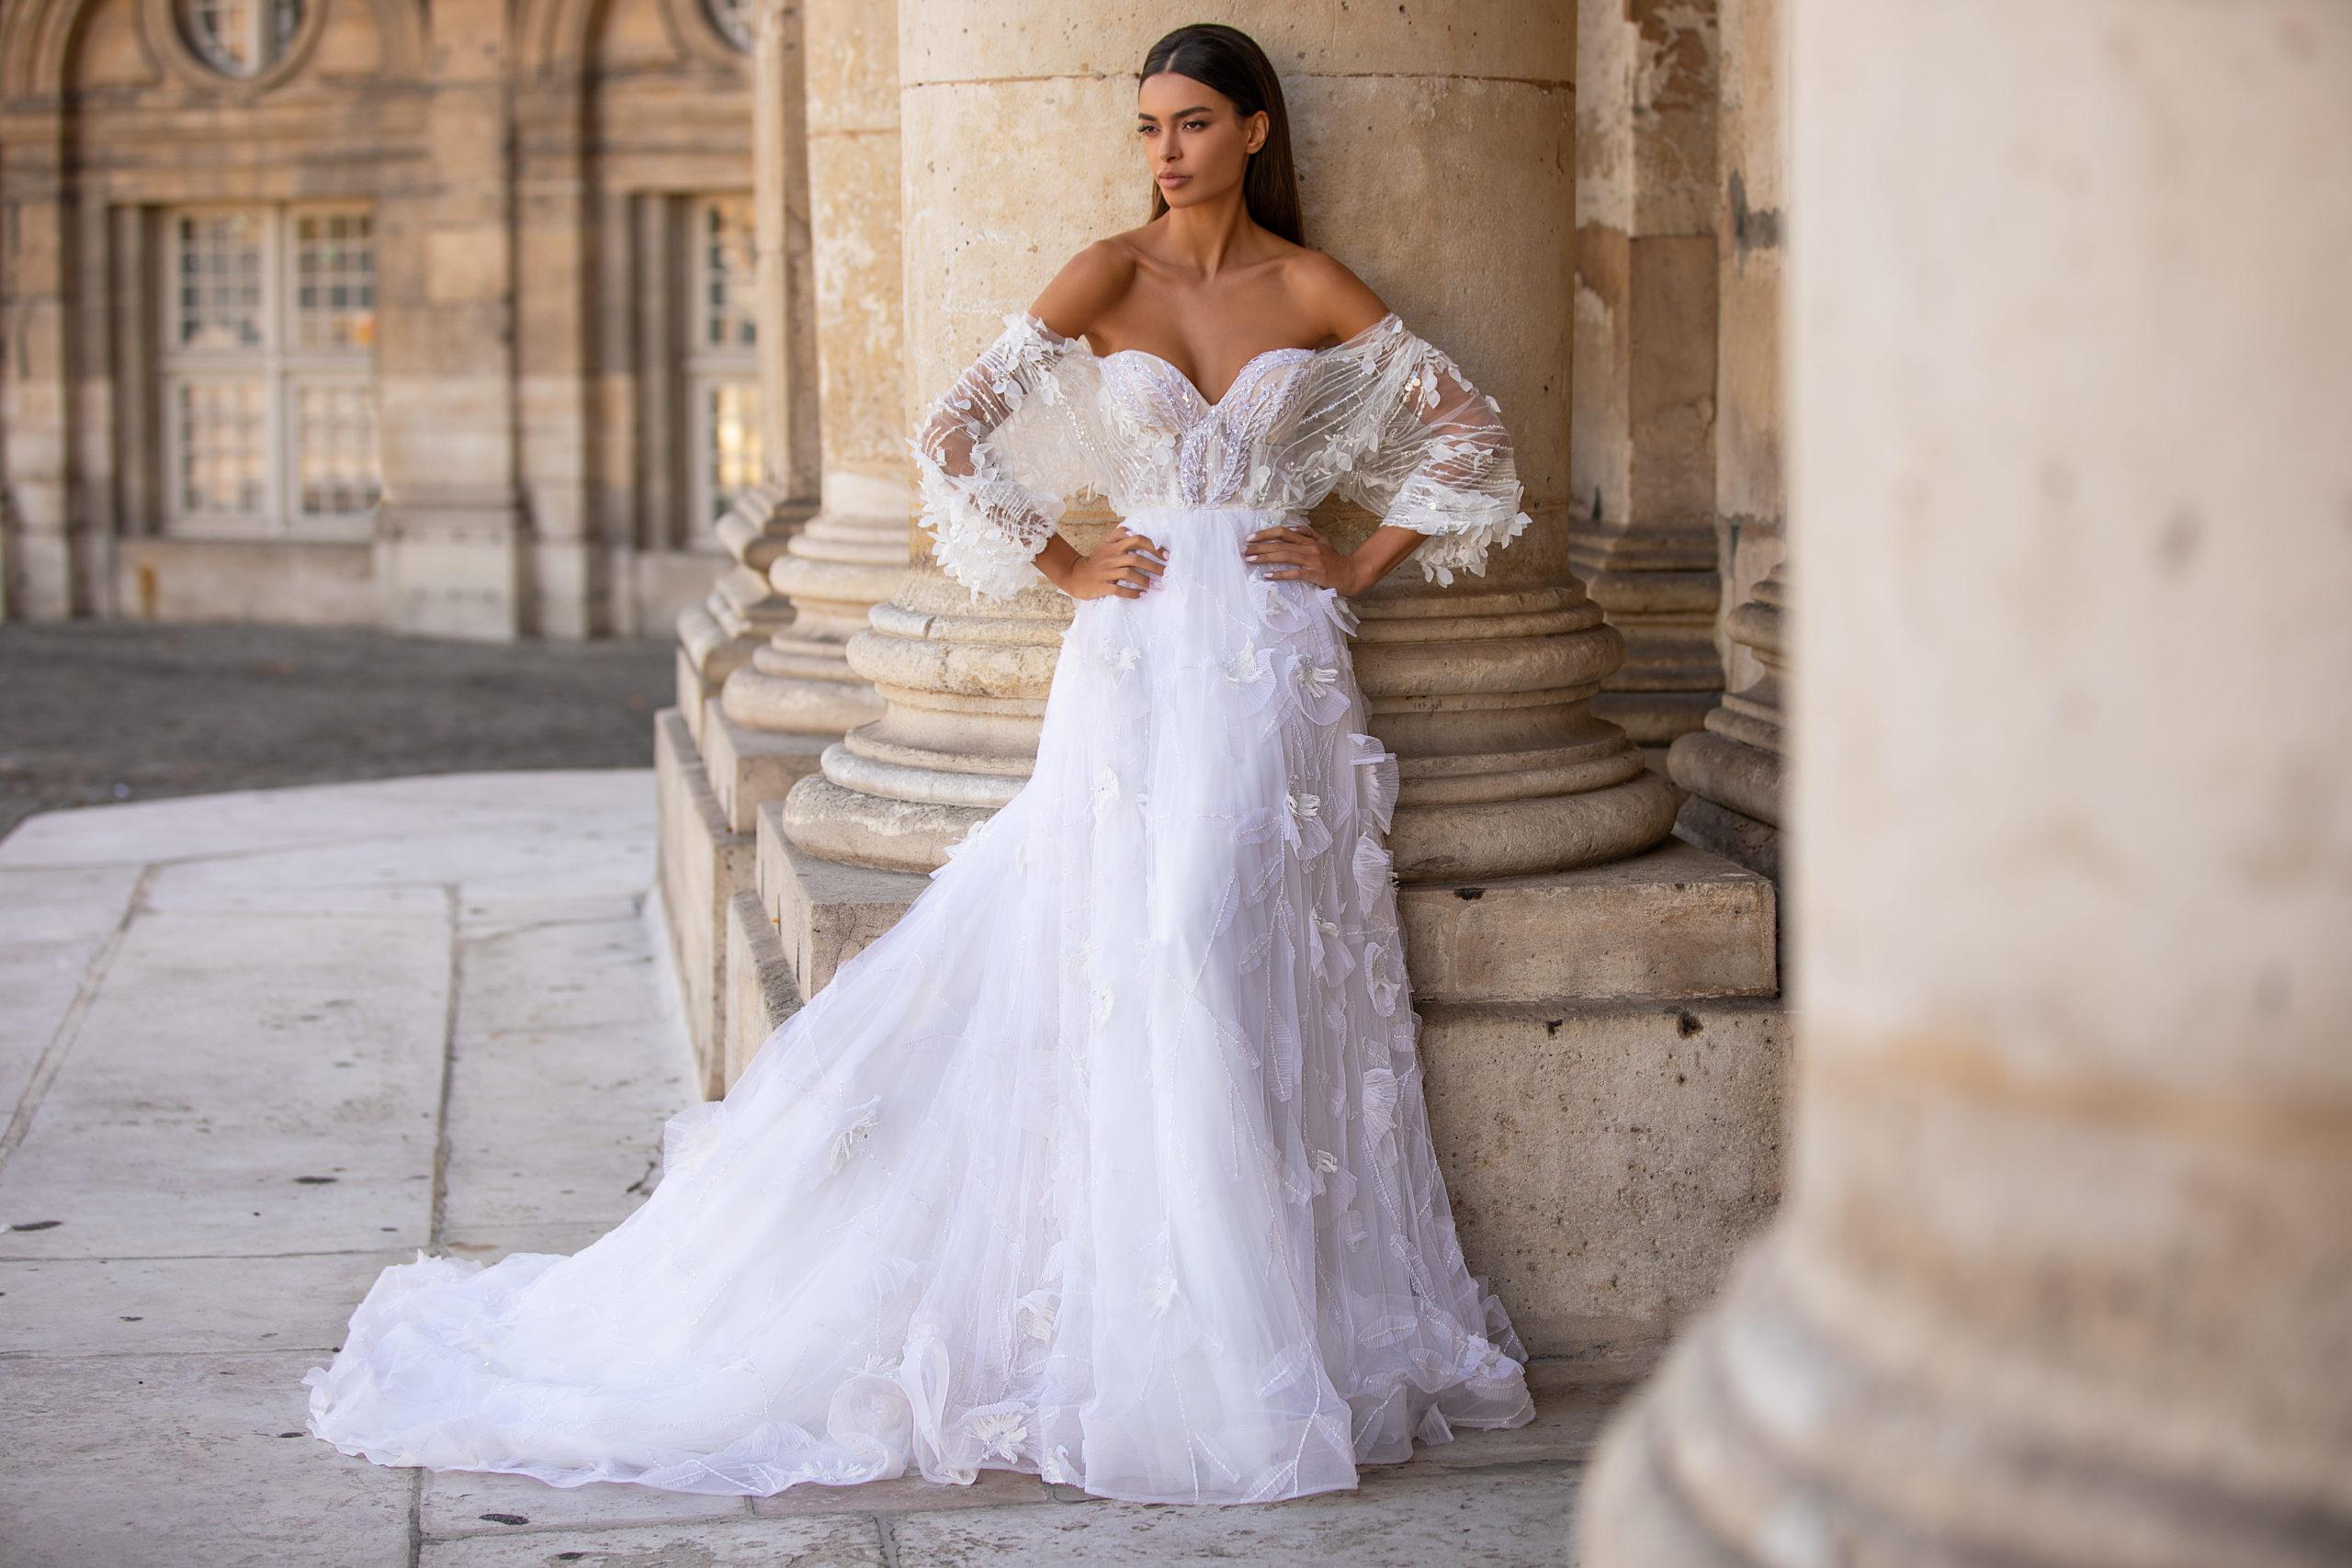 Top 10 Trends in Wedding Dresses - MillaNova